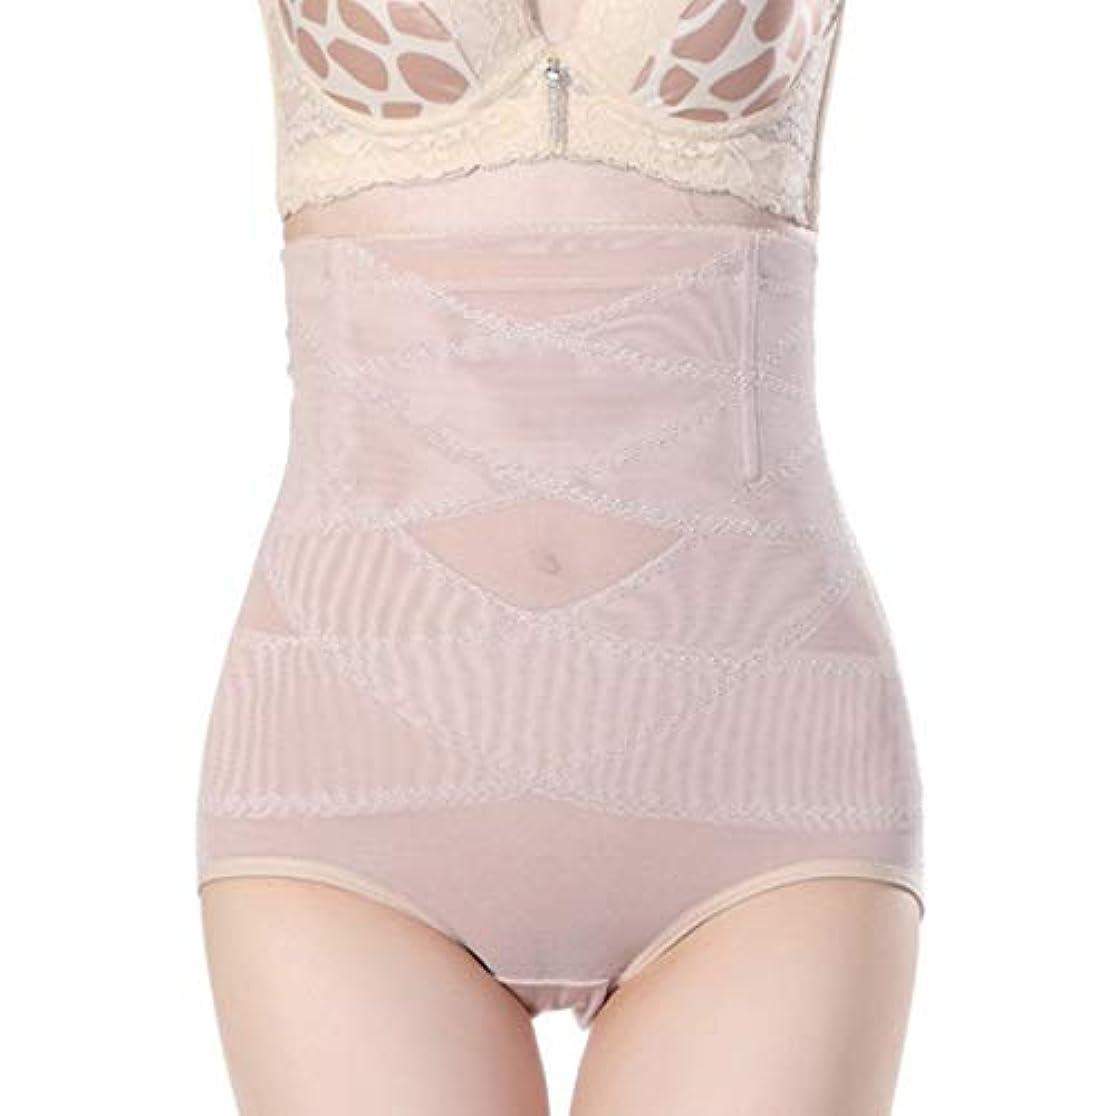 ラップトップセンサー同種の腹部制御下着シームレスおなかコントロールパンティーバットリフターボディシェイパーを痩身通気性のハイウエストの女性 - 肌色3 XL